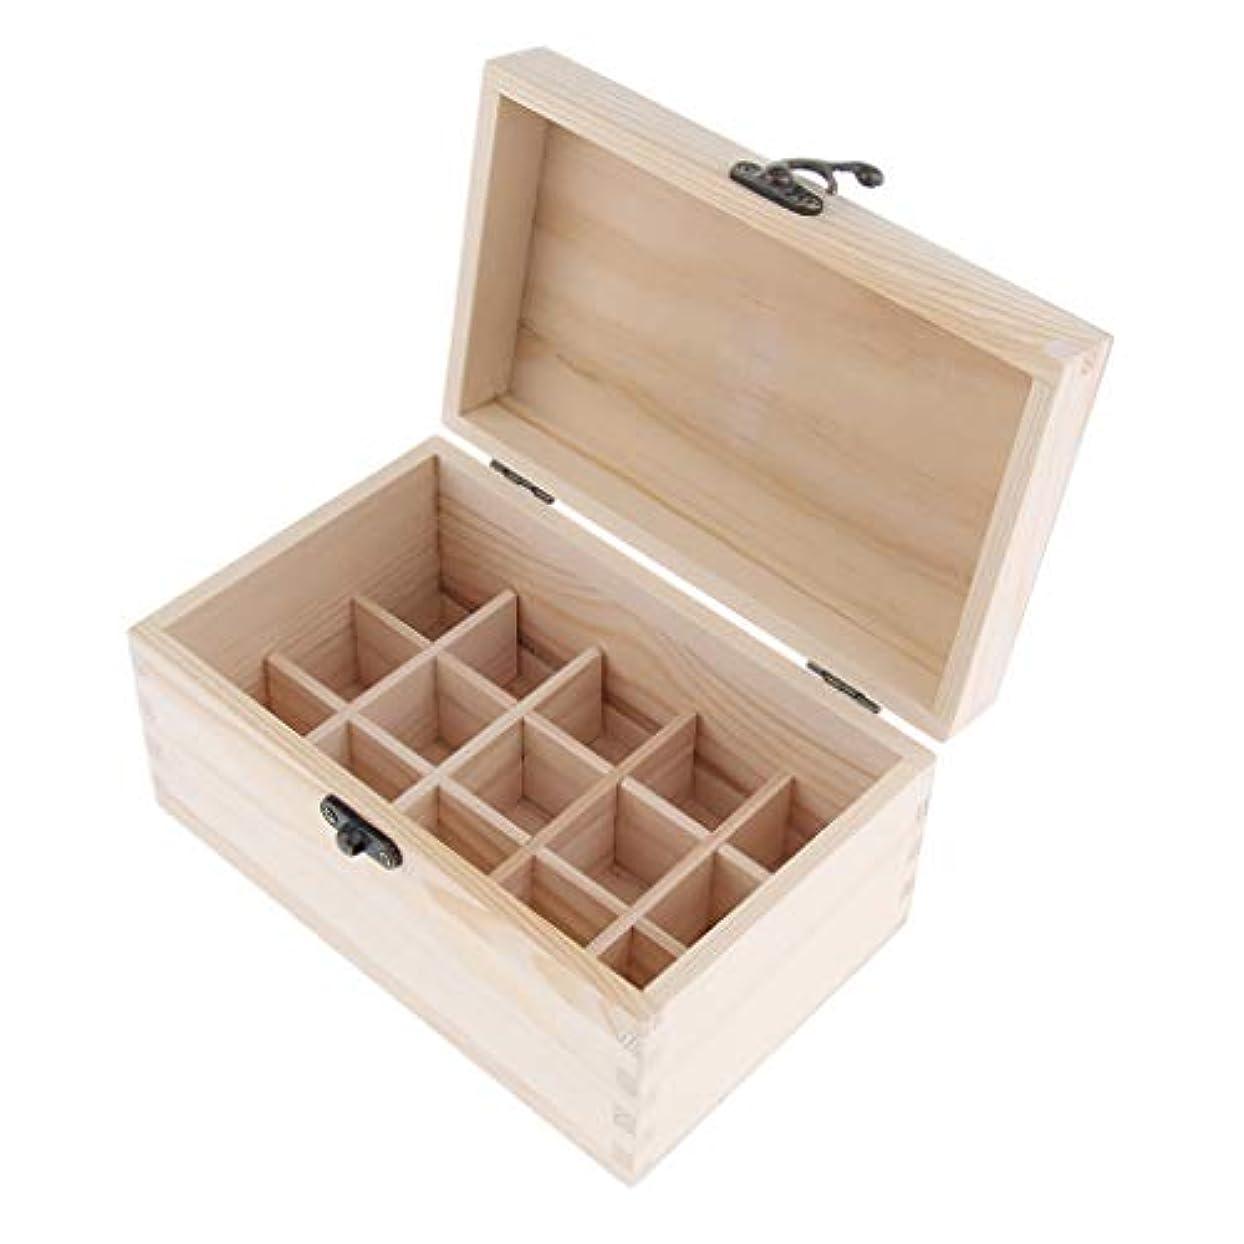 断言するコジオスコシンボル精油ケース 化粧品収納ボックス 15仕切り 木製 エッセンシャルオイル コンパクト 携帯便利 実用性